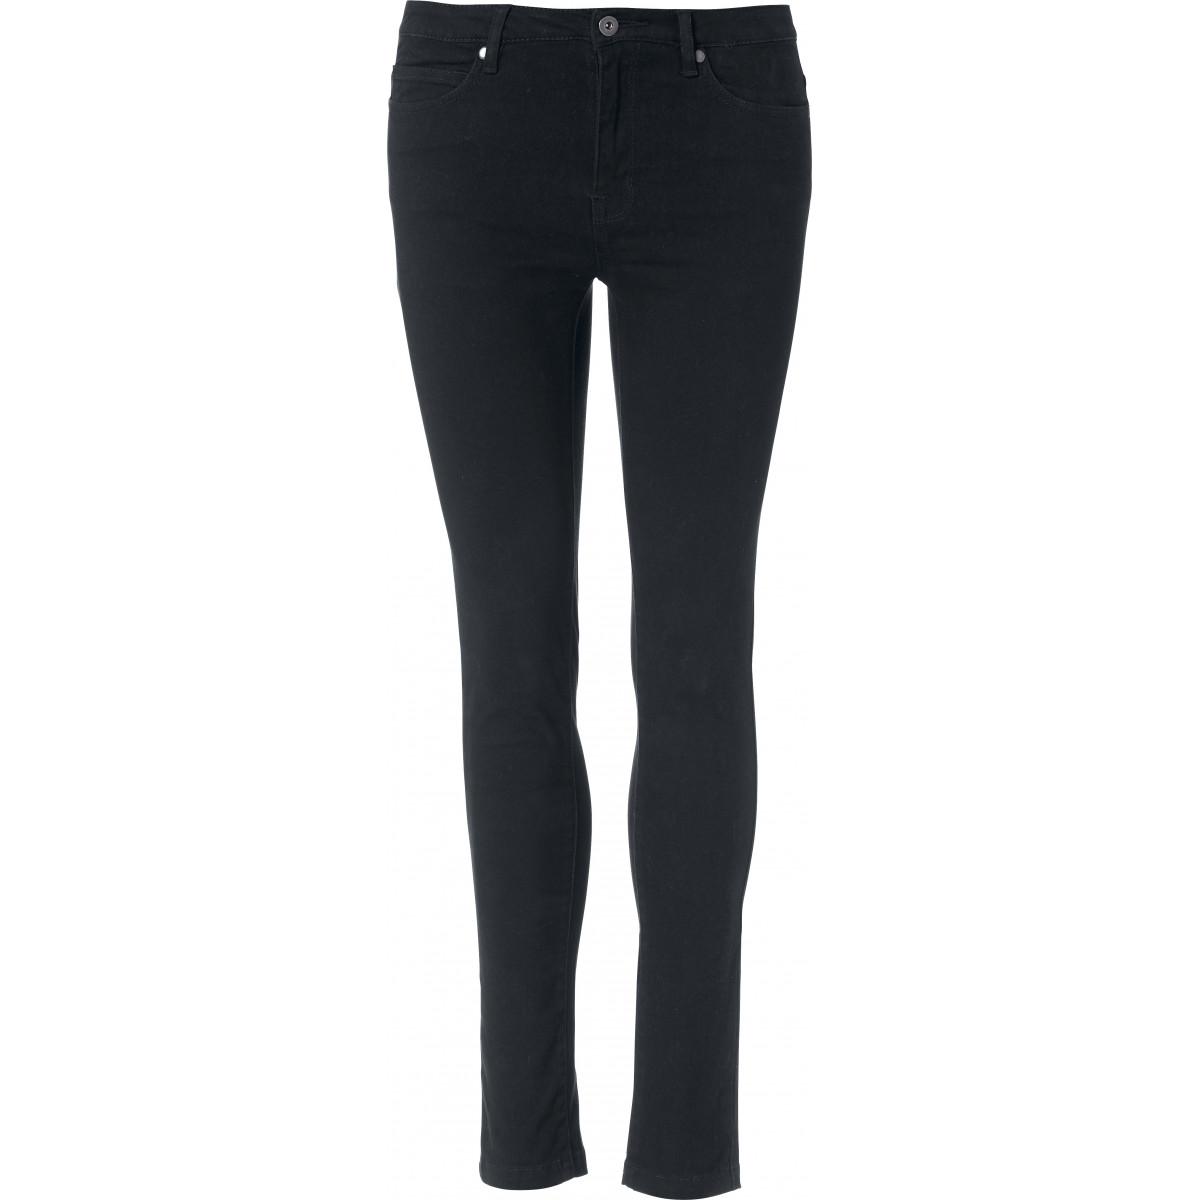 Брюки женские 022041 5-Pocket Stretch Ladies - Черный